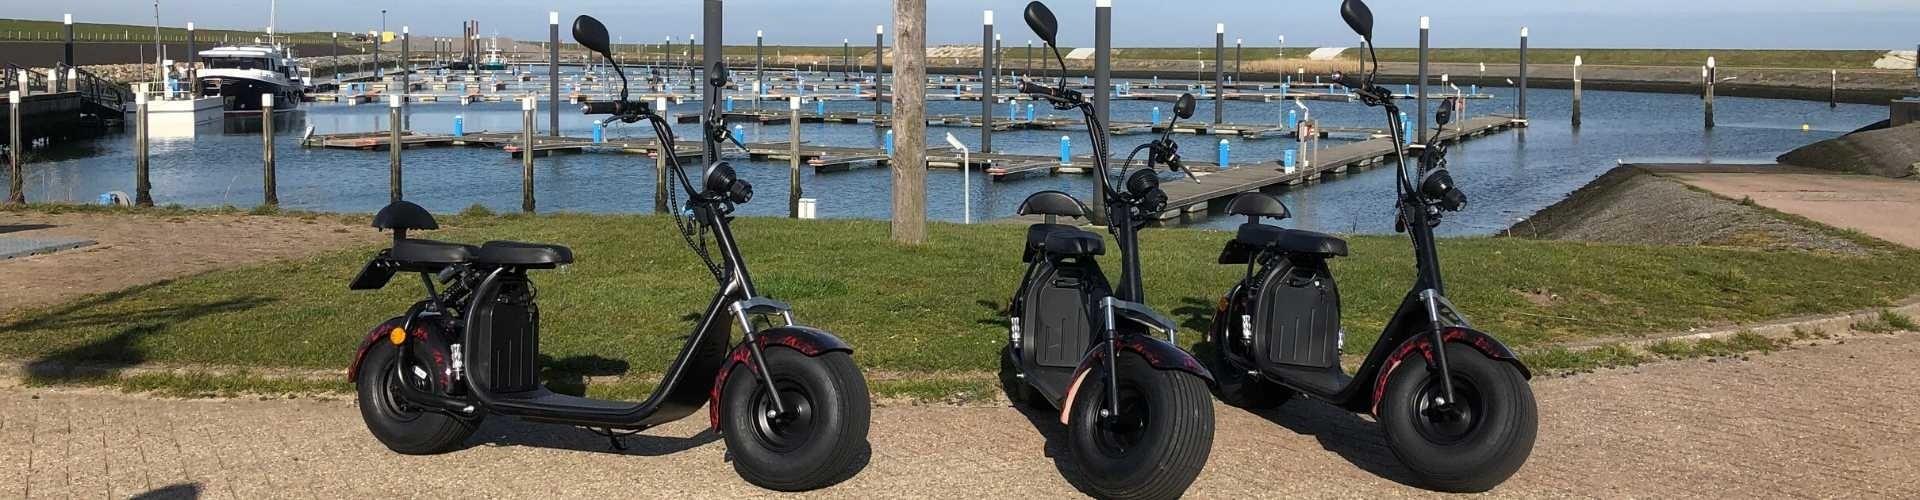 texel cruiser elektrische scooter huren op texel